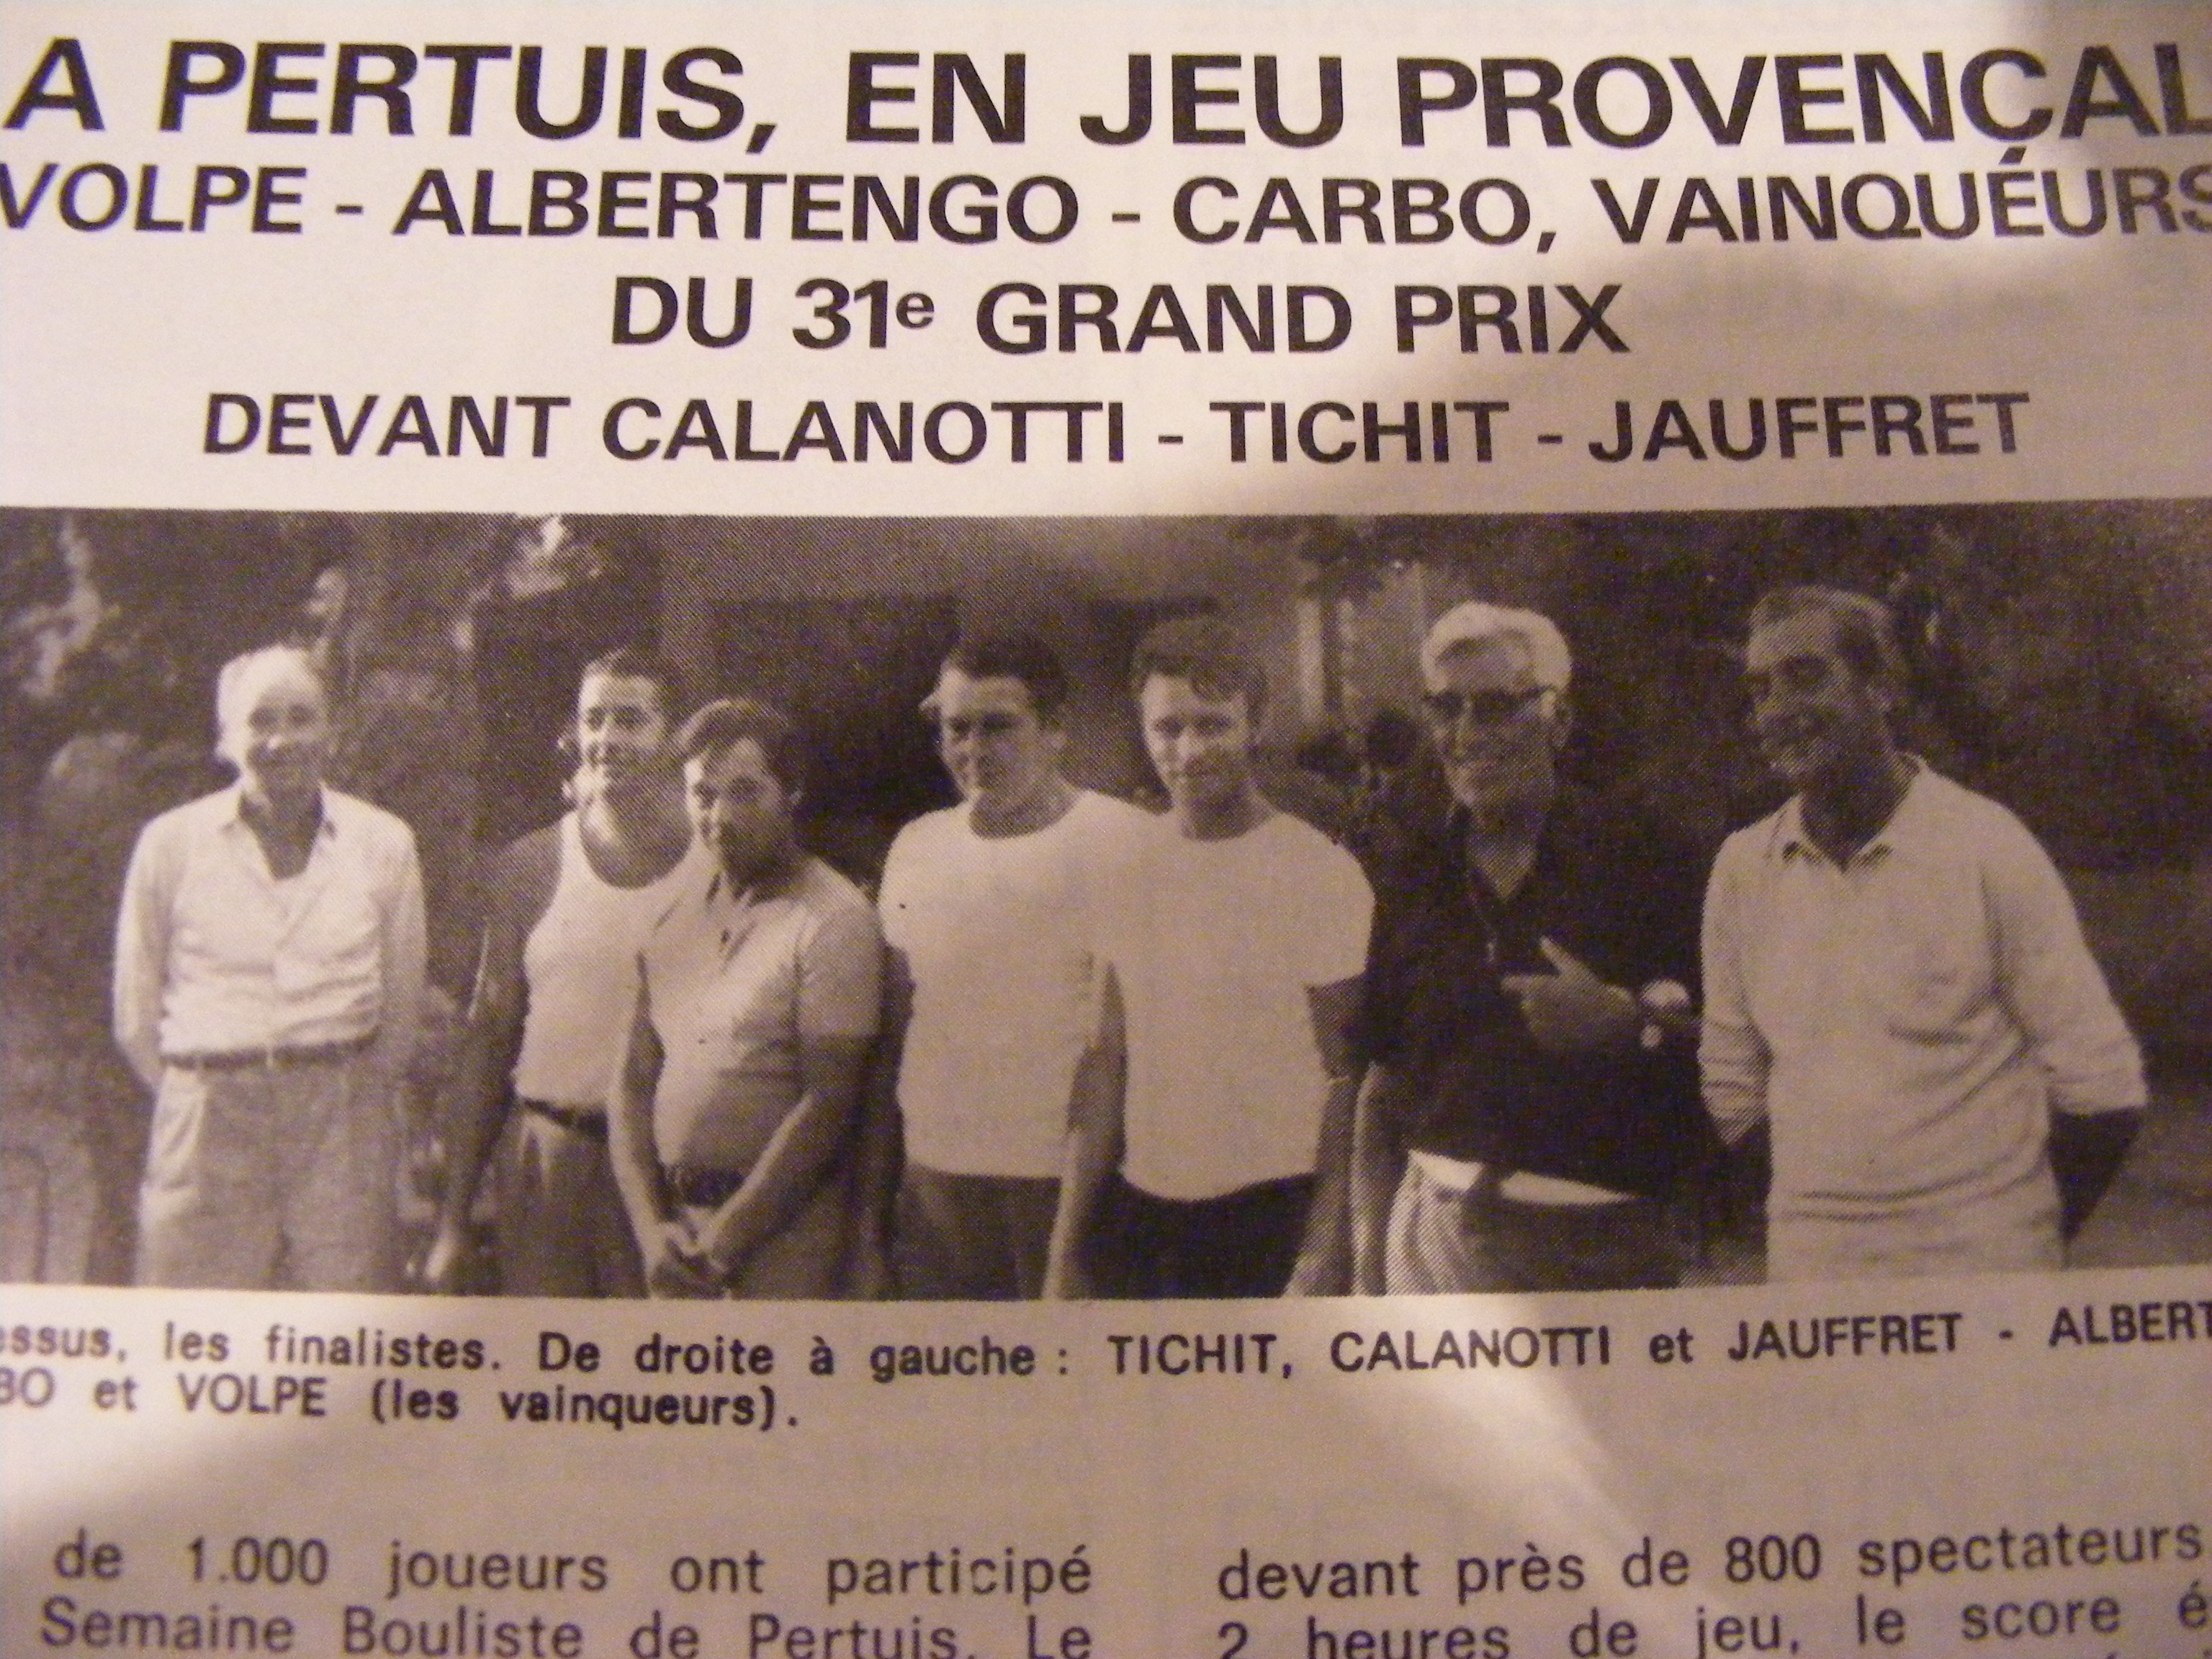 1973, les pertuisiens VOLPE ALBERTINGO et CARBO restent maîtres chez eux, battent en finale les tenants du titre CALANOTTI JAUFFRET et TICHIT et remportent le 31 ème National de Pertuis